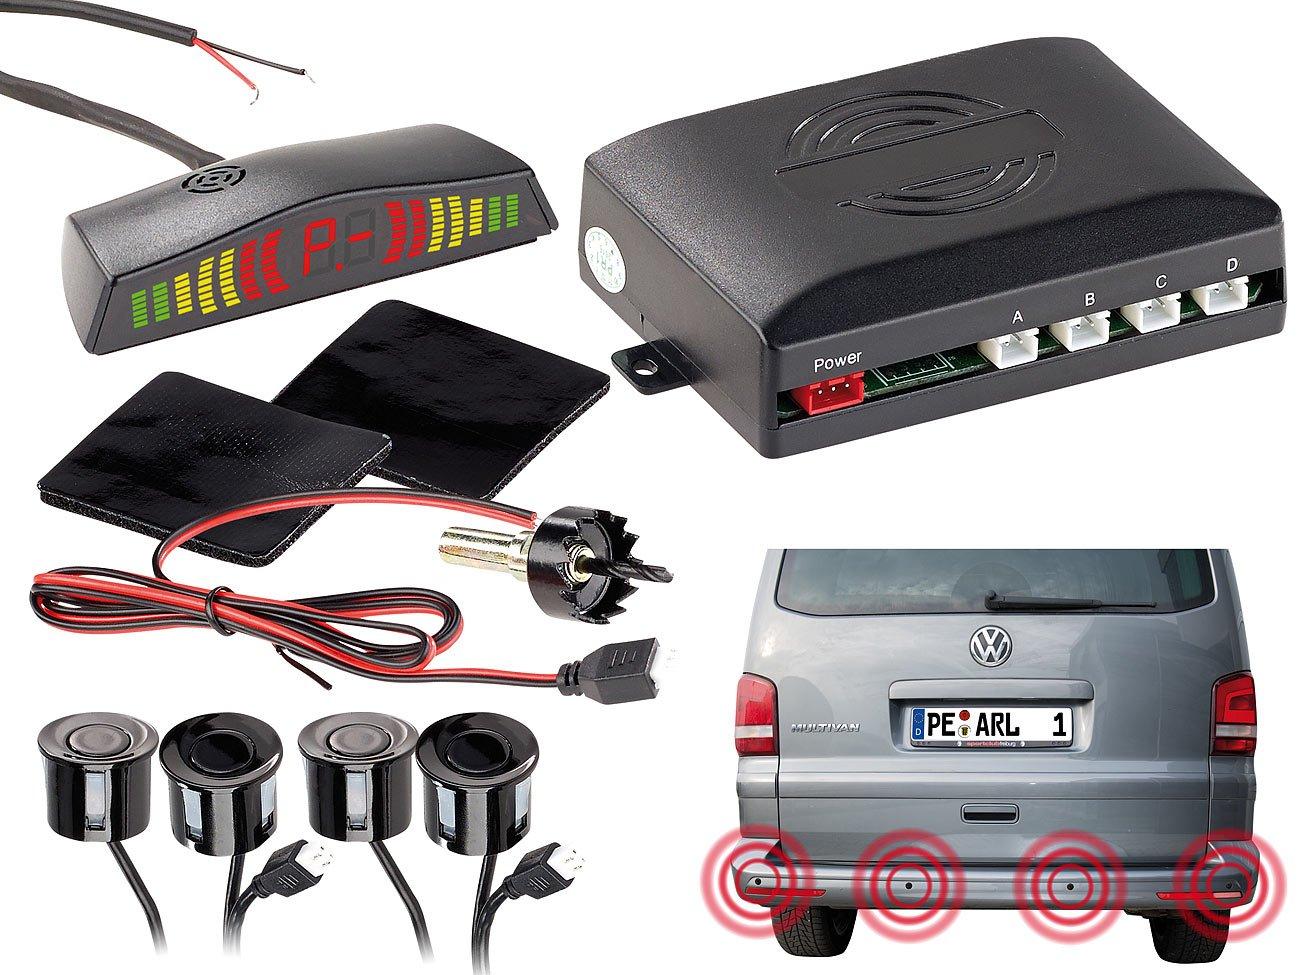 Lescars Parksensoren mit 4 Sensoren /& Armaturen-Display Funk-R/ückfahrhilfe PA-280 f/ür Pkw Akustische Funk Einparkhilfen